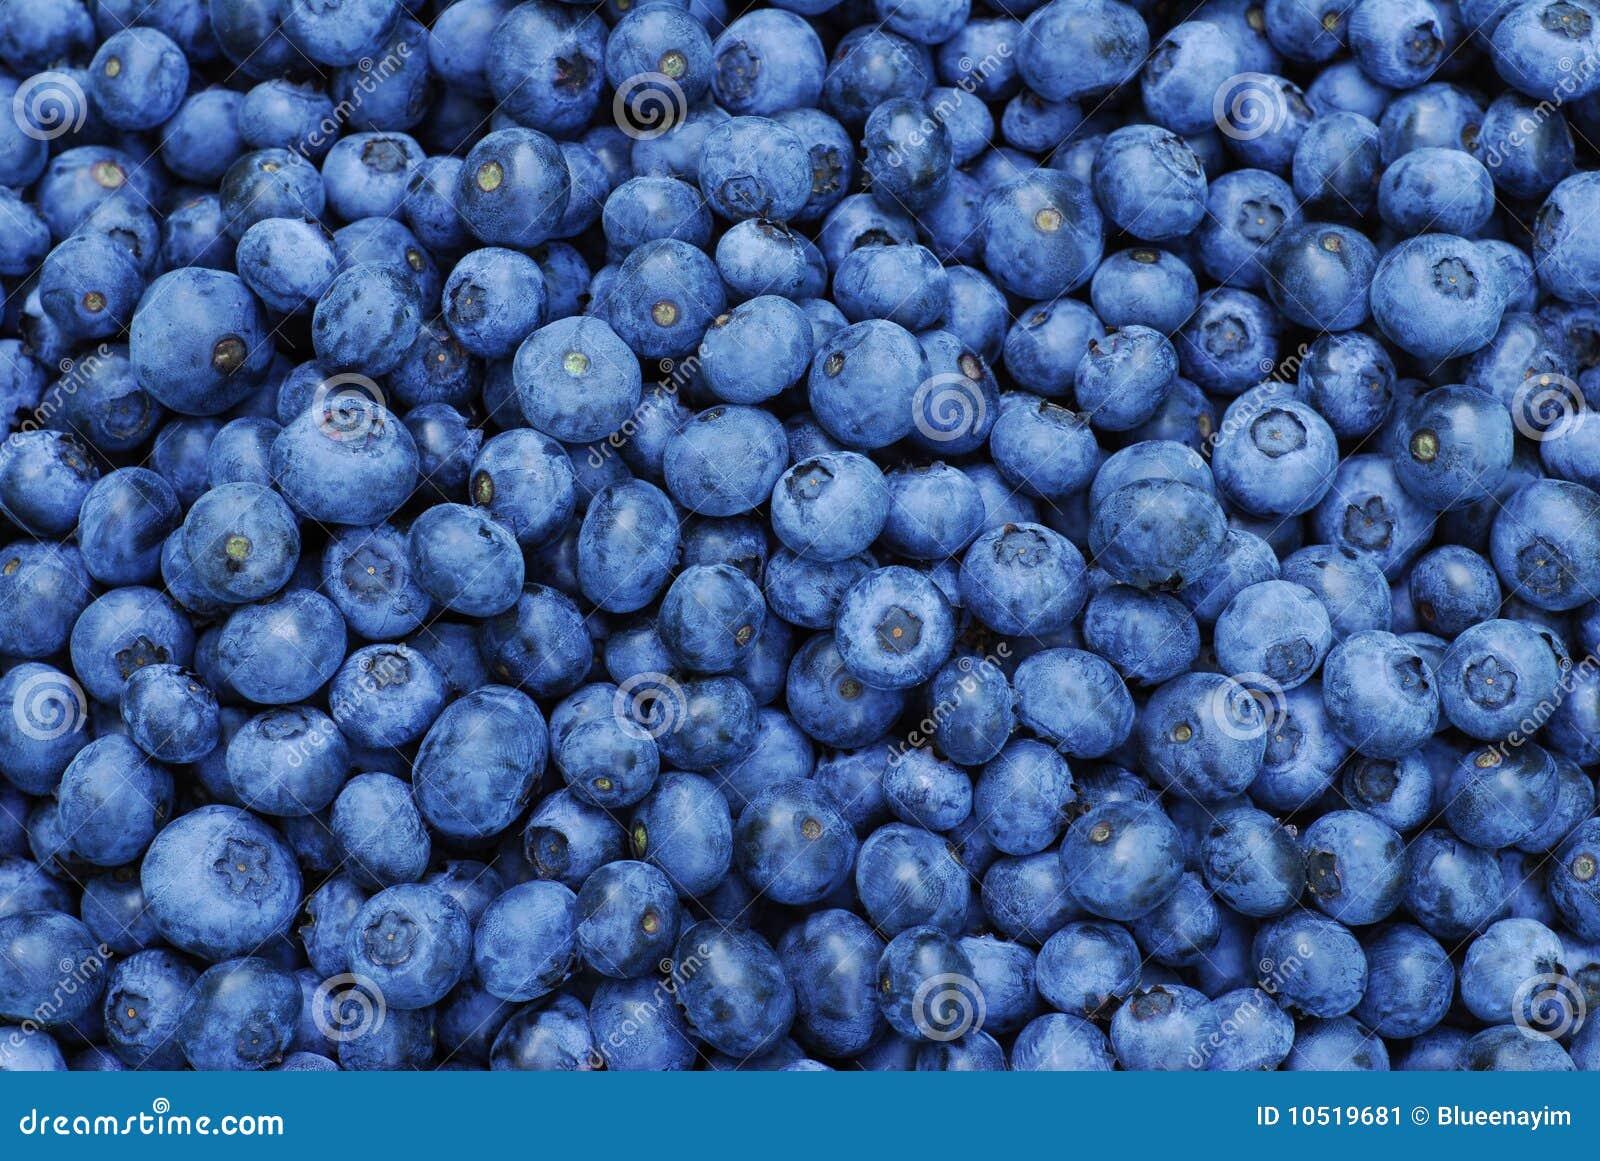 Fresh Blueberry Background stock image  Image of harvest